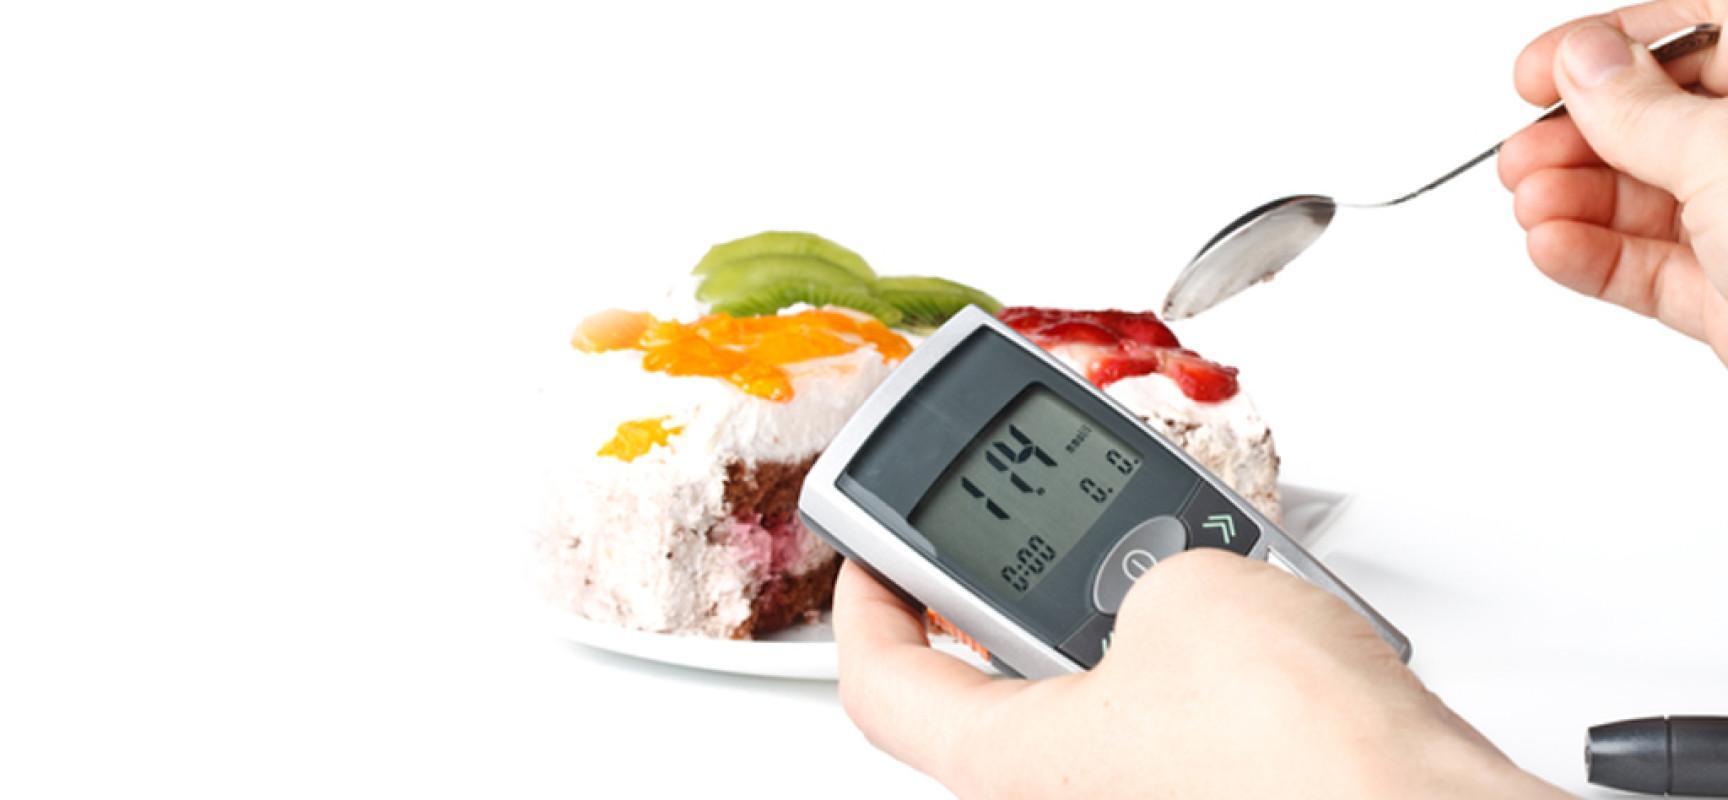 Как легко справиться с диабетом: советы по диете при диабете